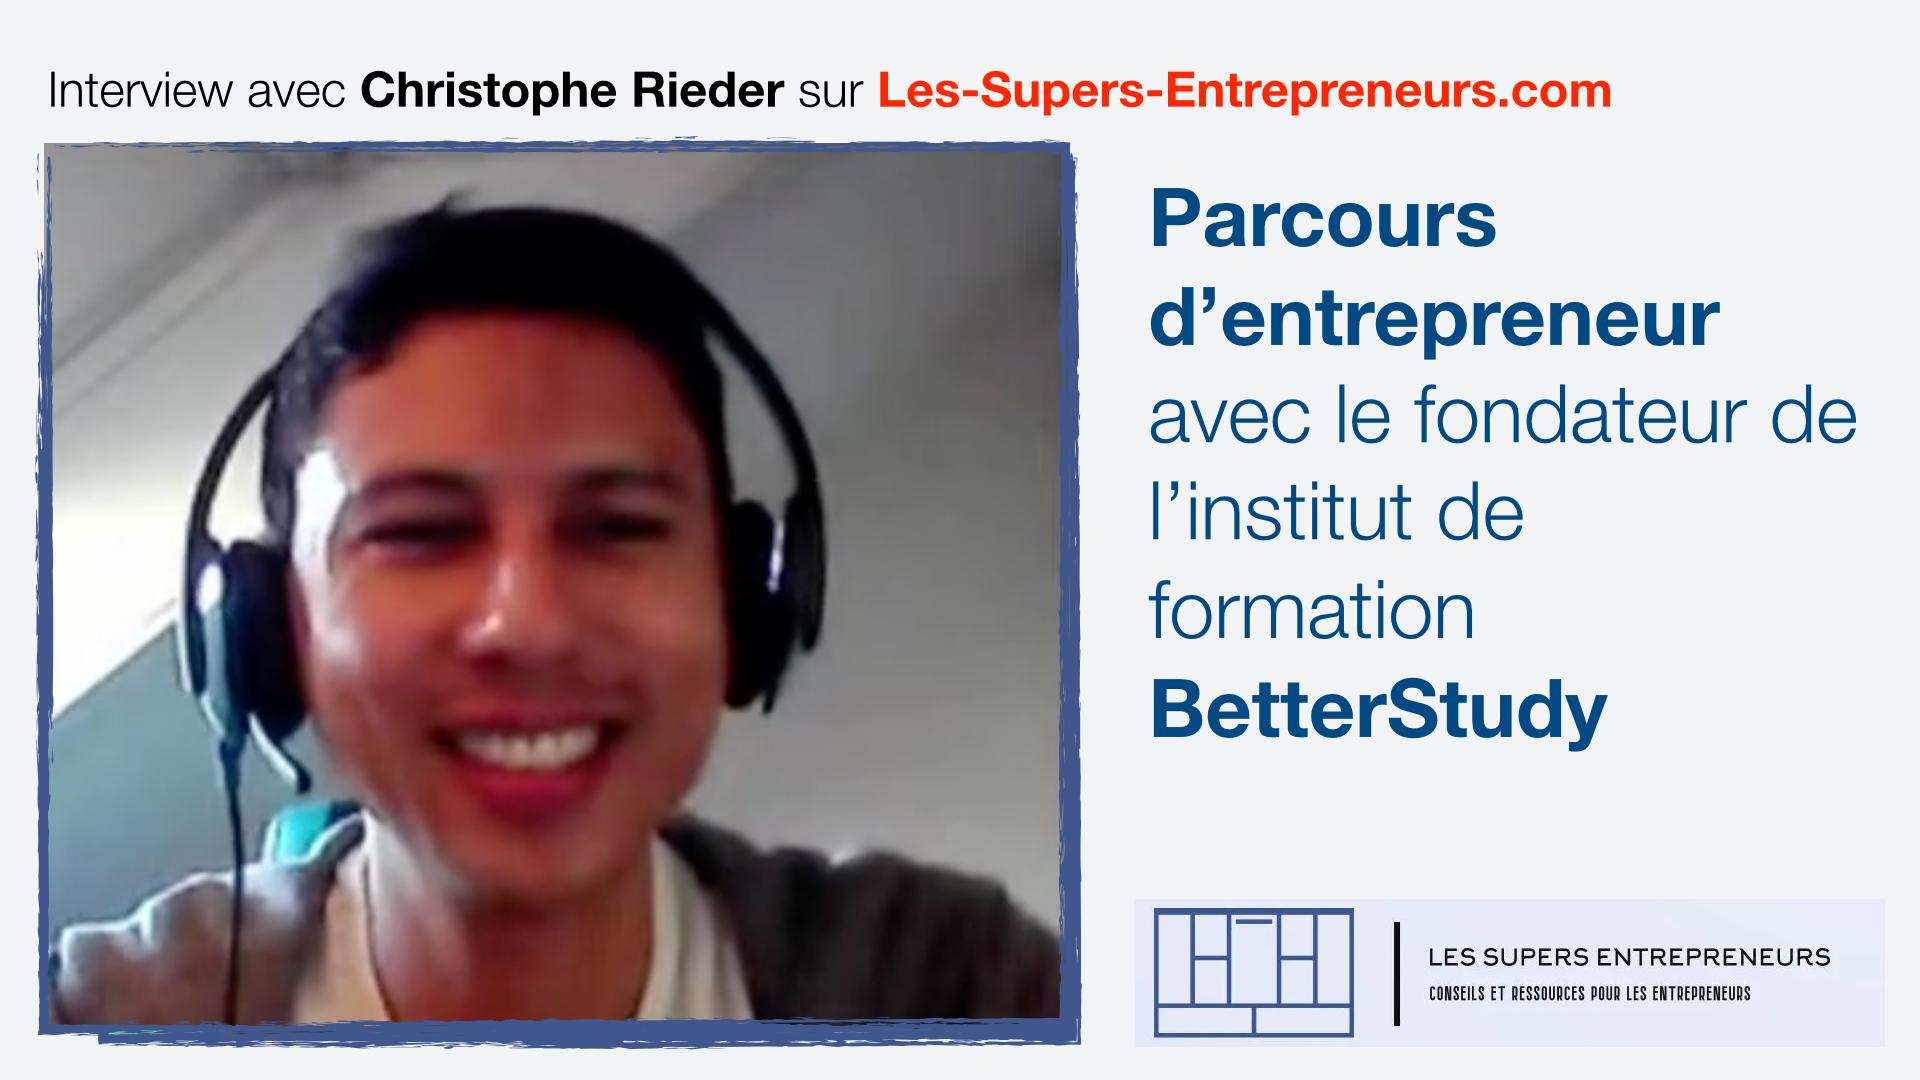 Interivew avec Christophe Rieder – Fondateur de l'institut de formation BetterStudy